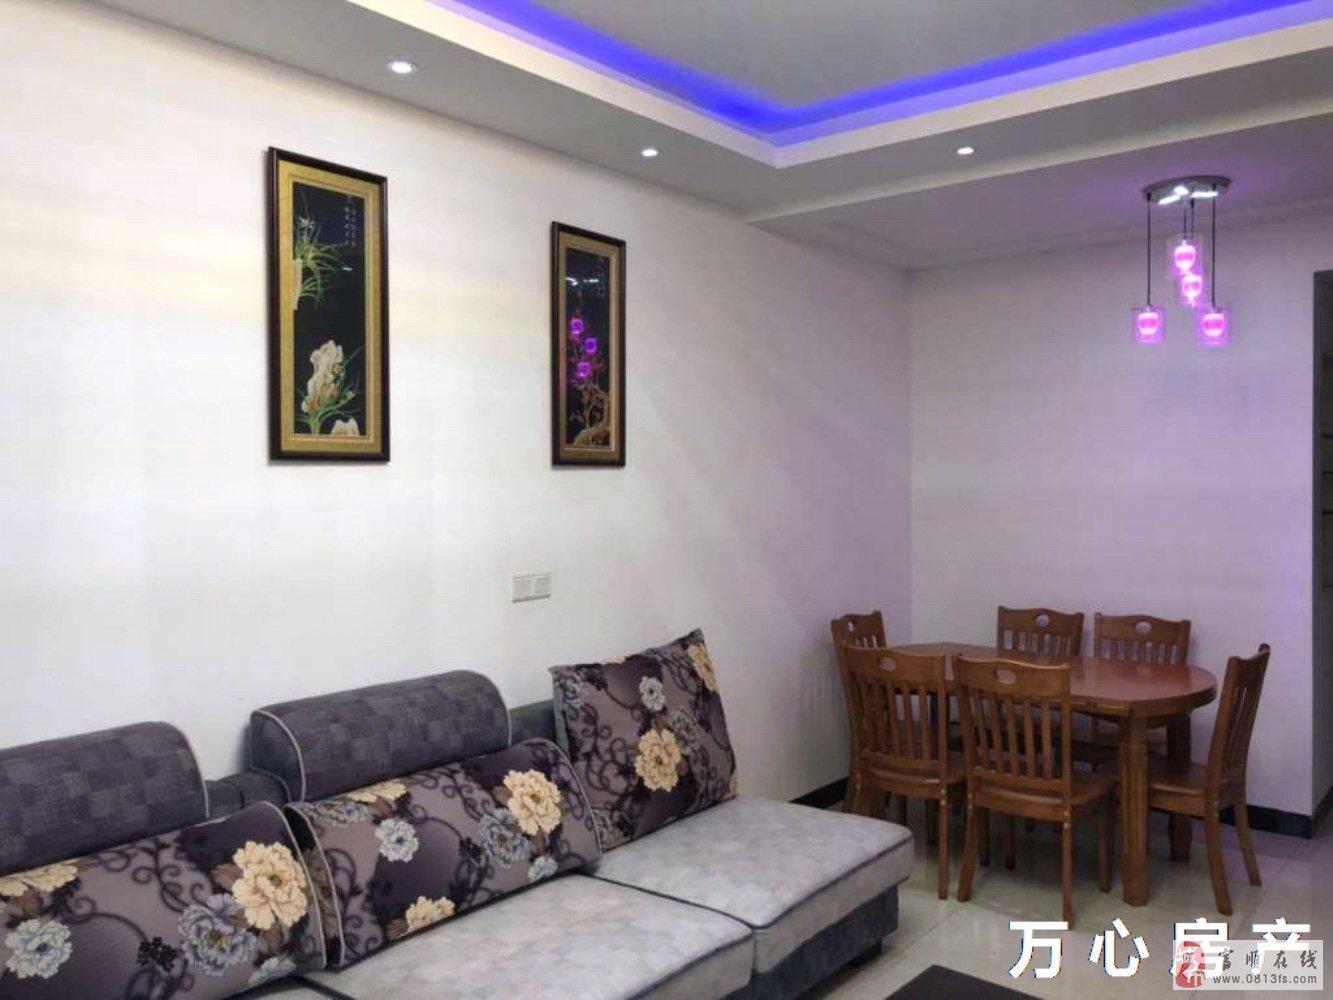 瑞祥水岸城2室2厅1卫精装一口价56.8万限卖三天